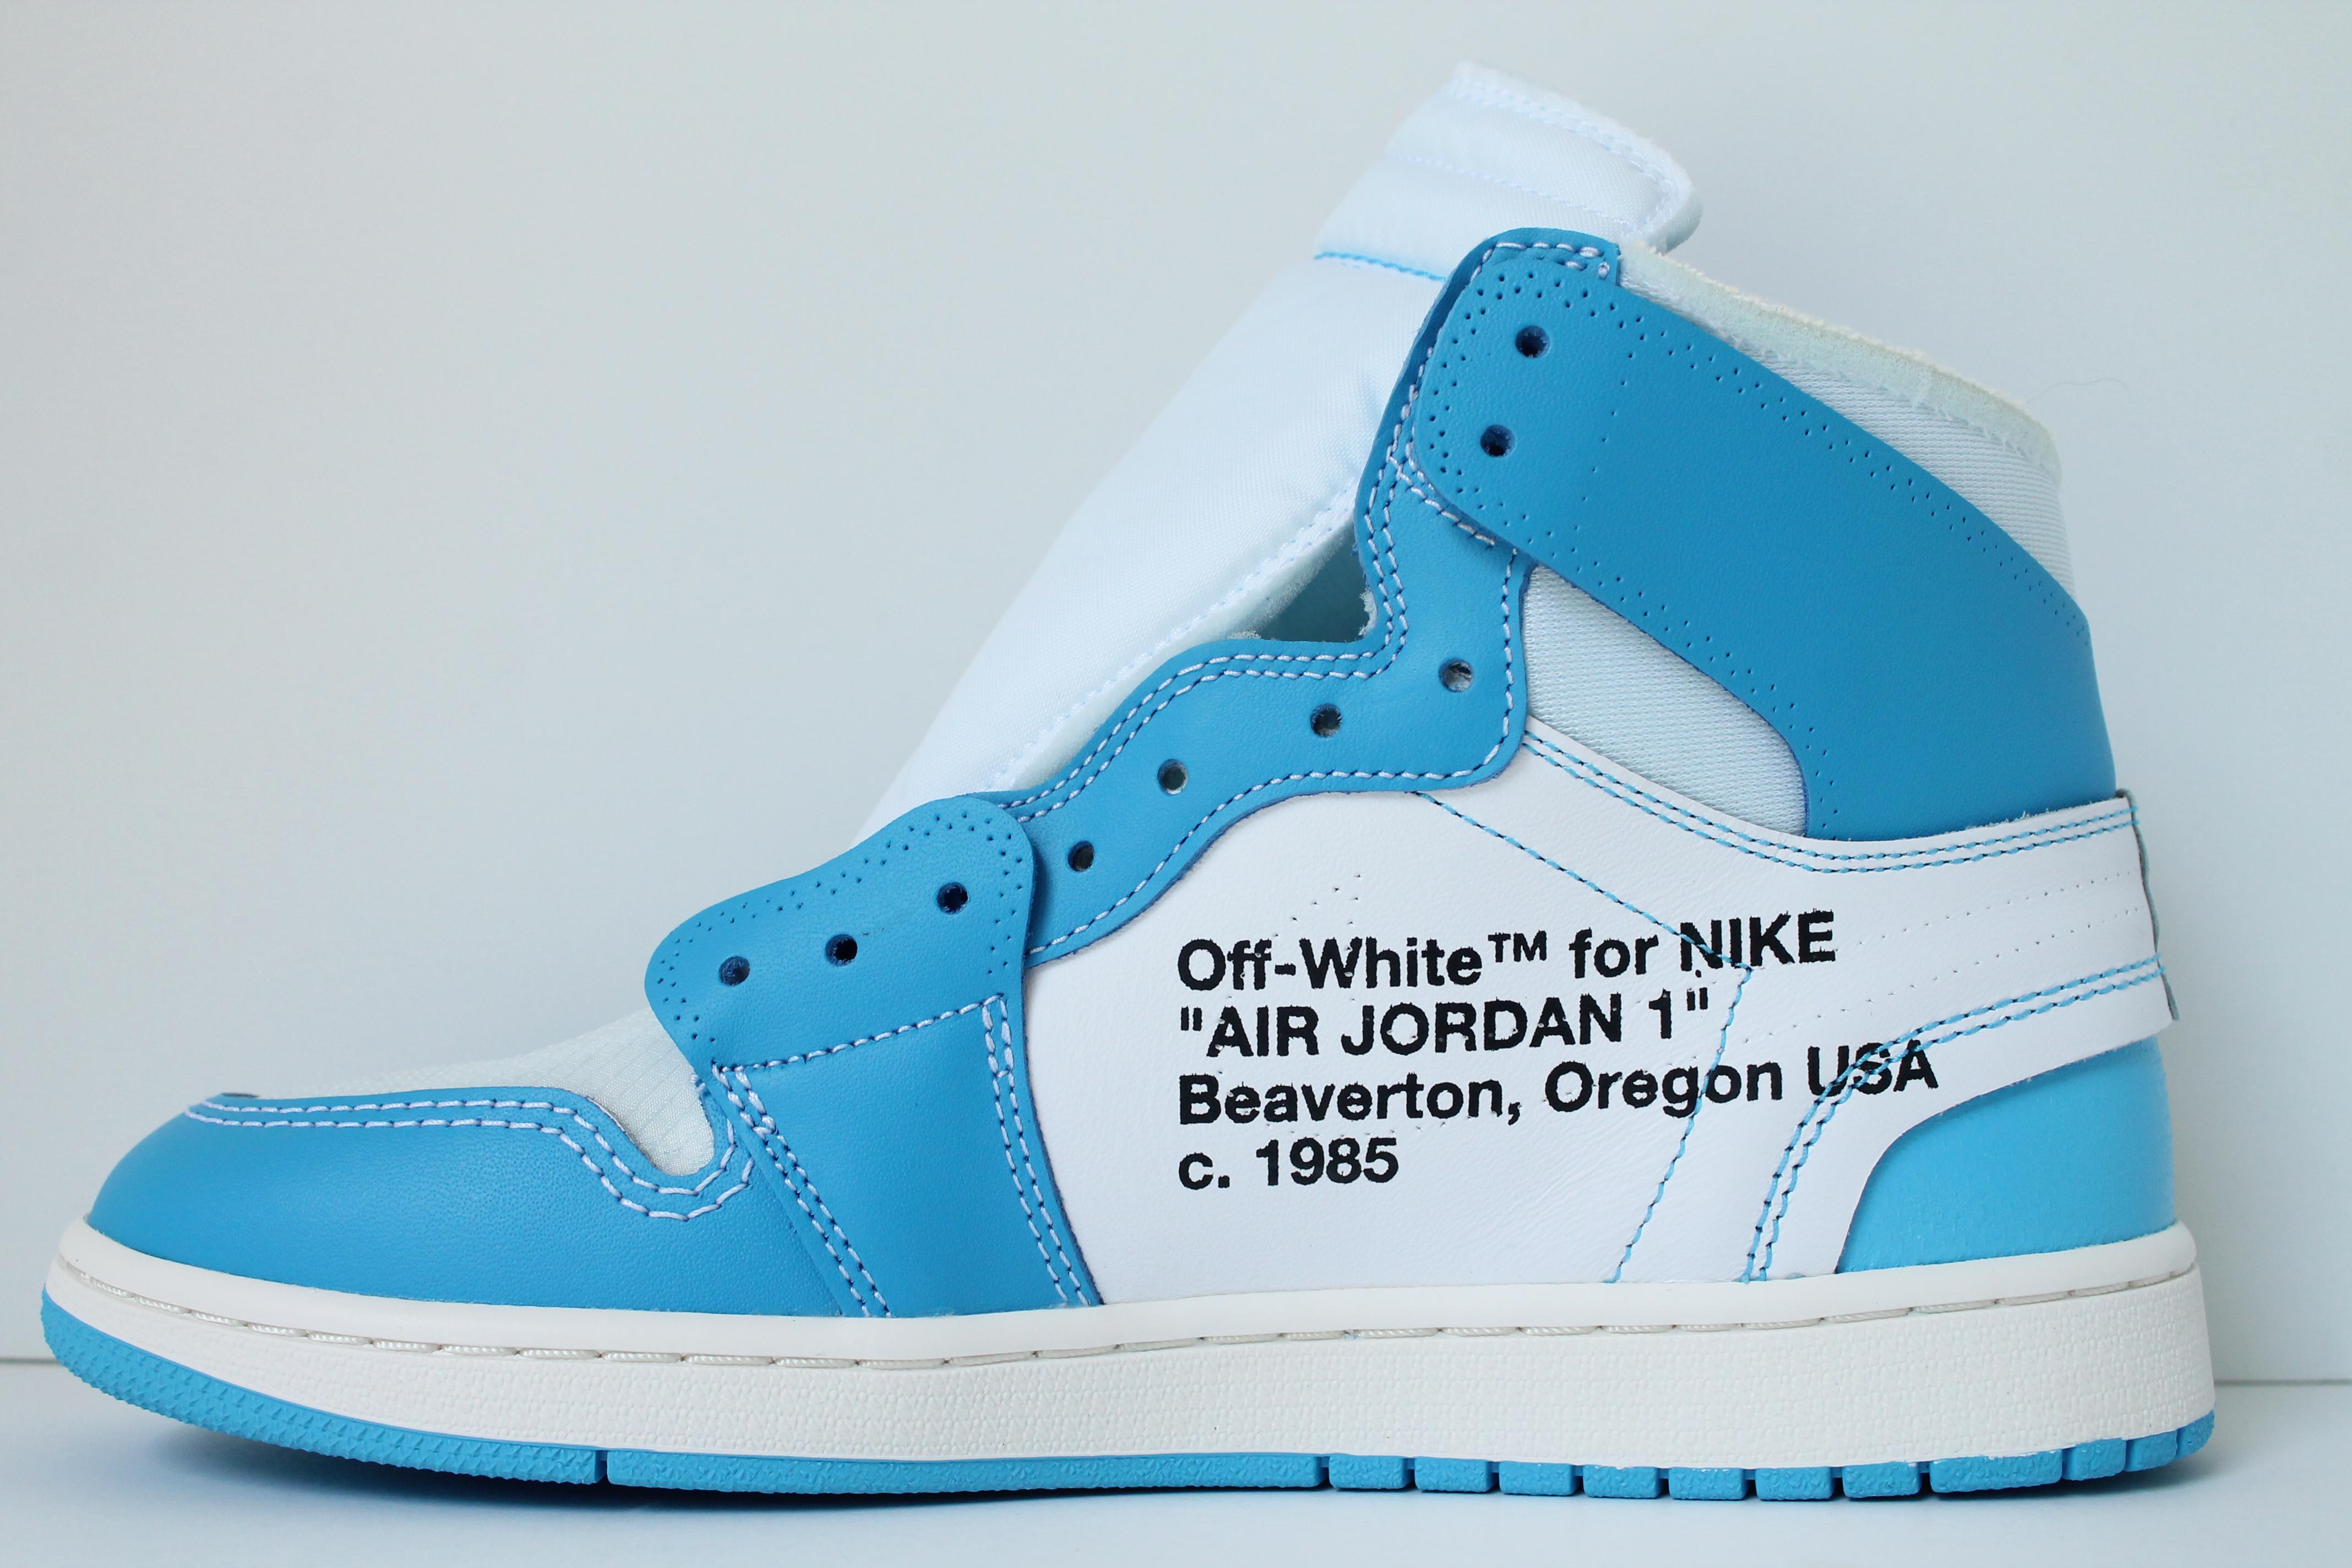 sale retailer 7f5b6 489bc Air Jordan 1 X OFF WHITE NRG